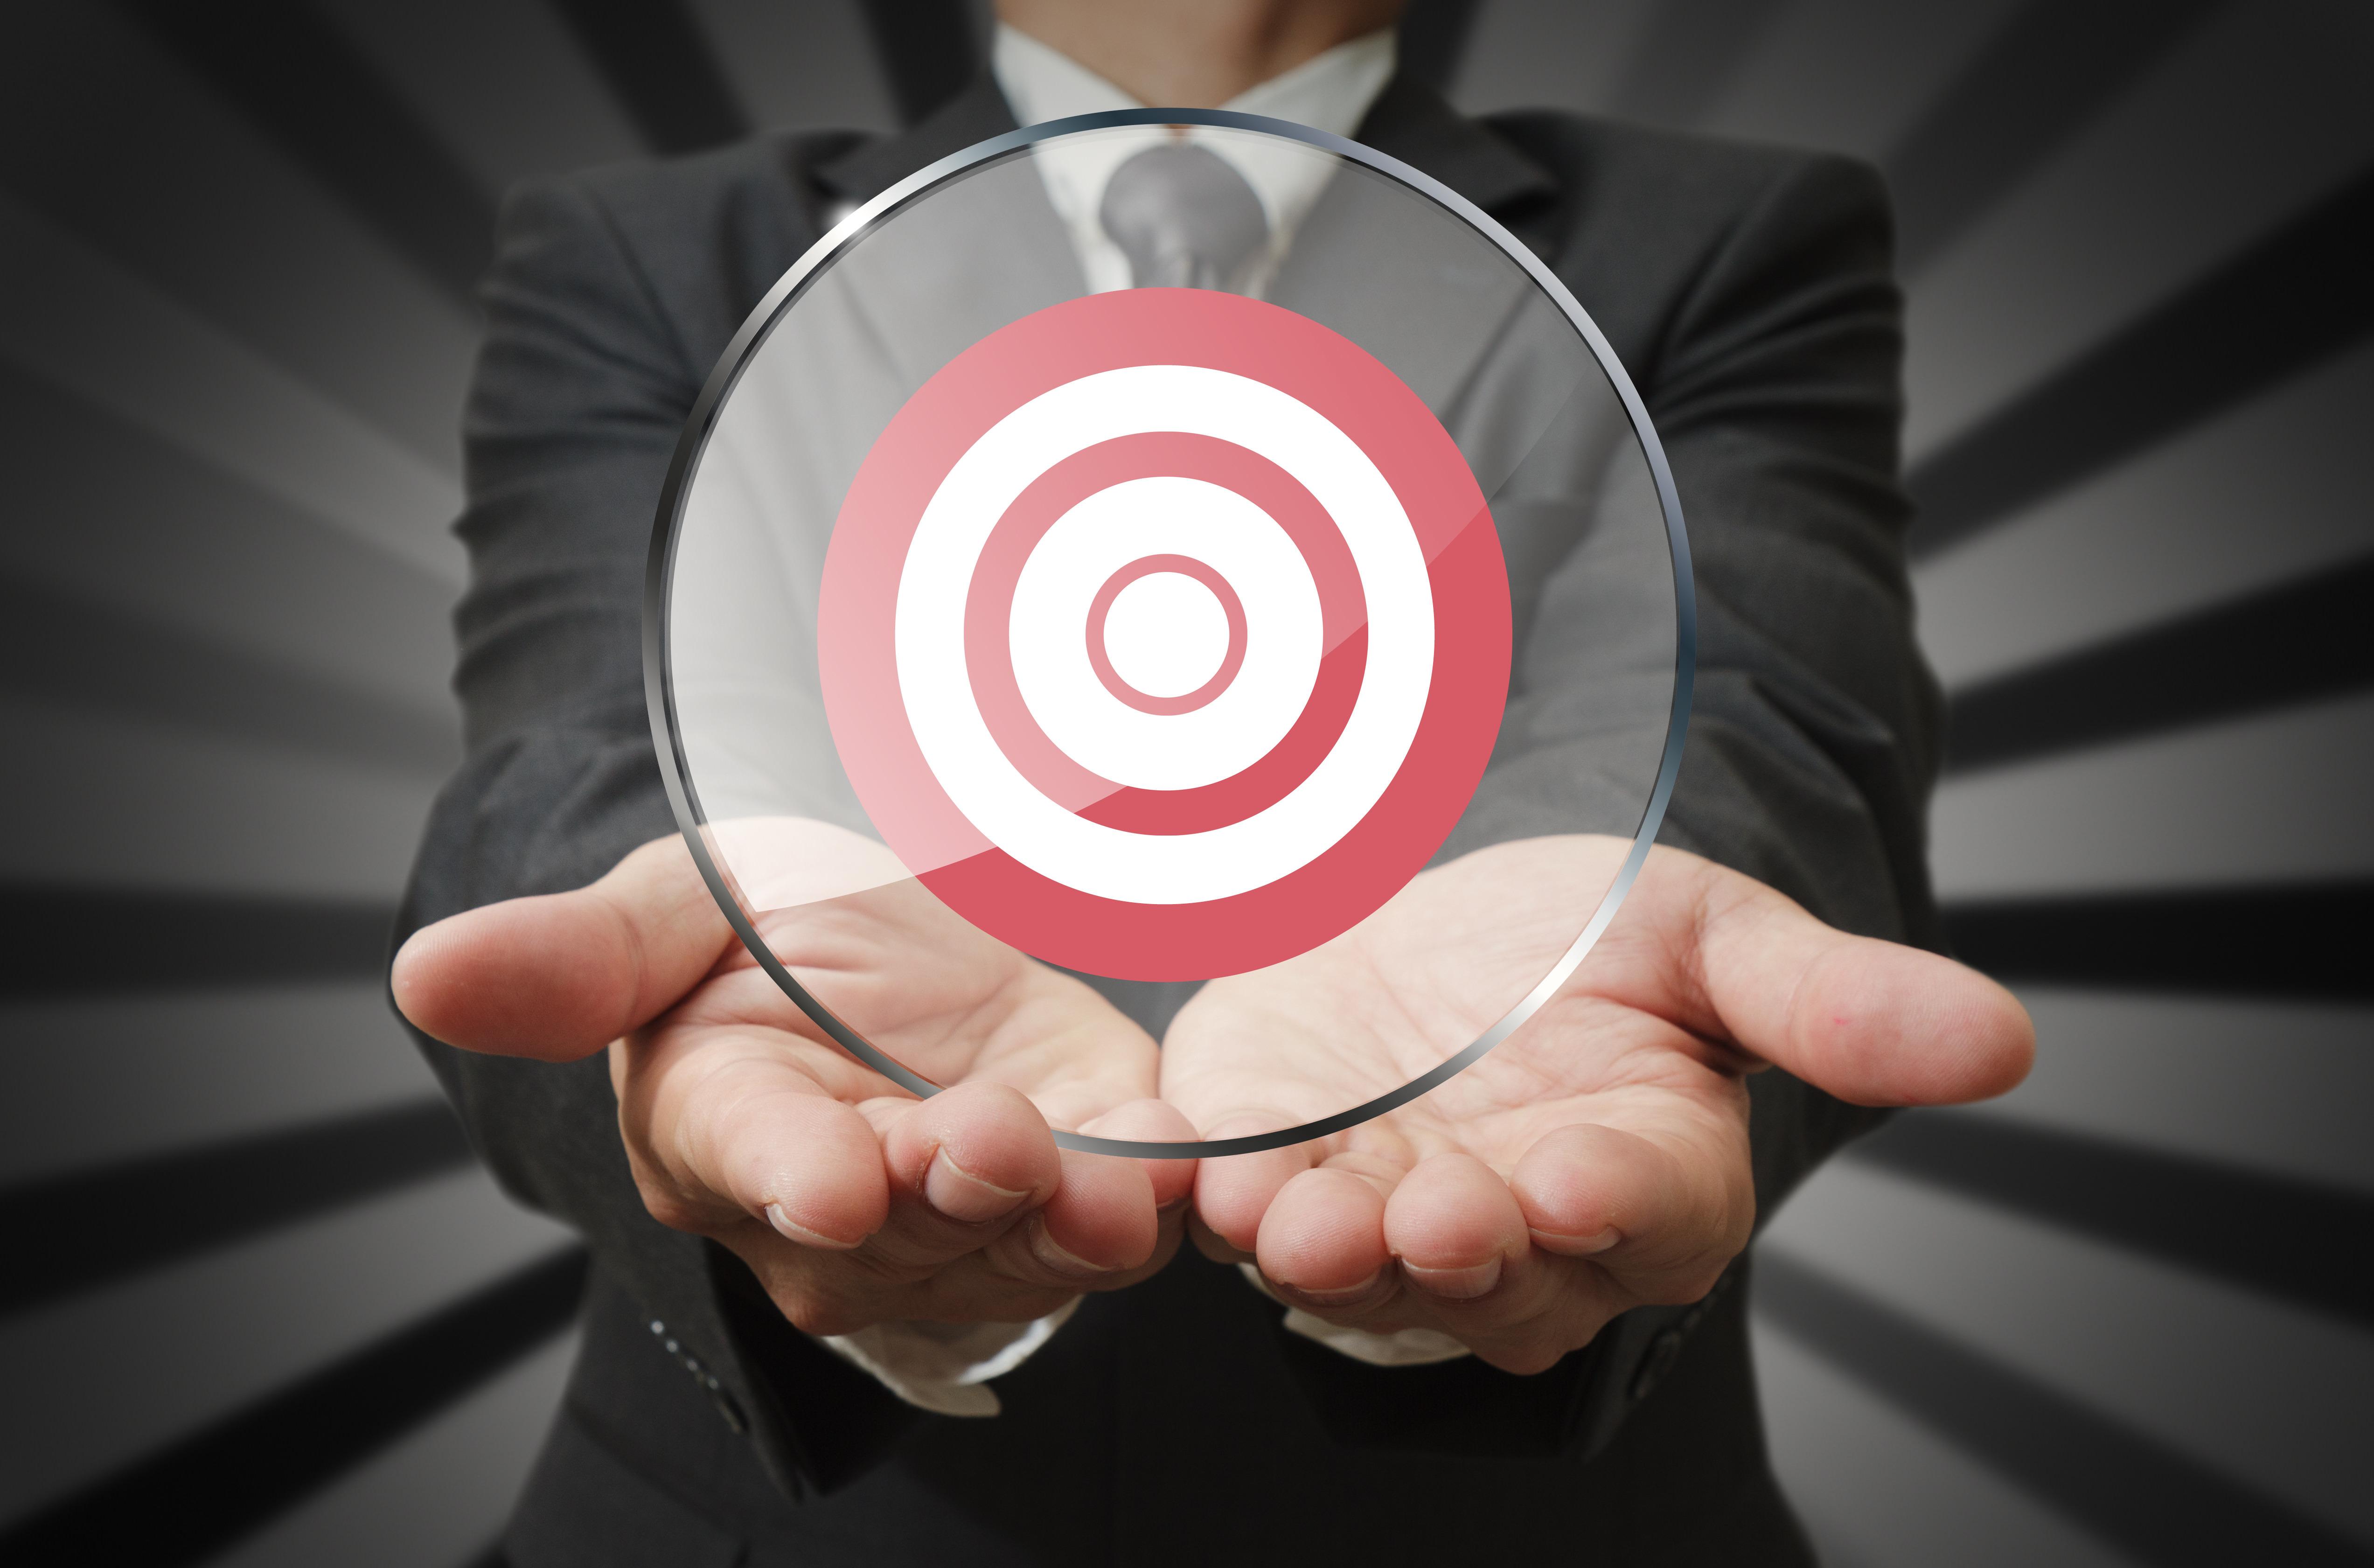 Таргетинг и ретаргетинг— что это такое и как настроить таргетированную рекламу + топ-3 биржи, где заказать настройку таргетинговой рекламы